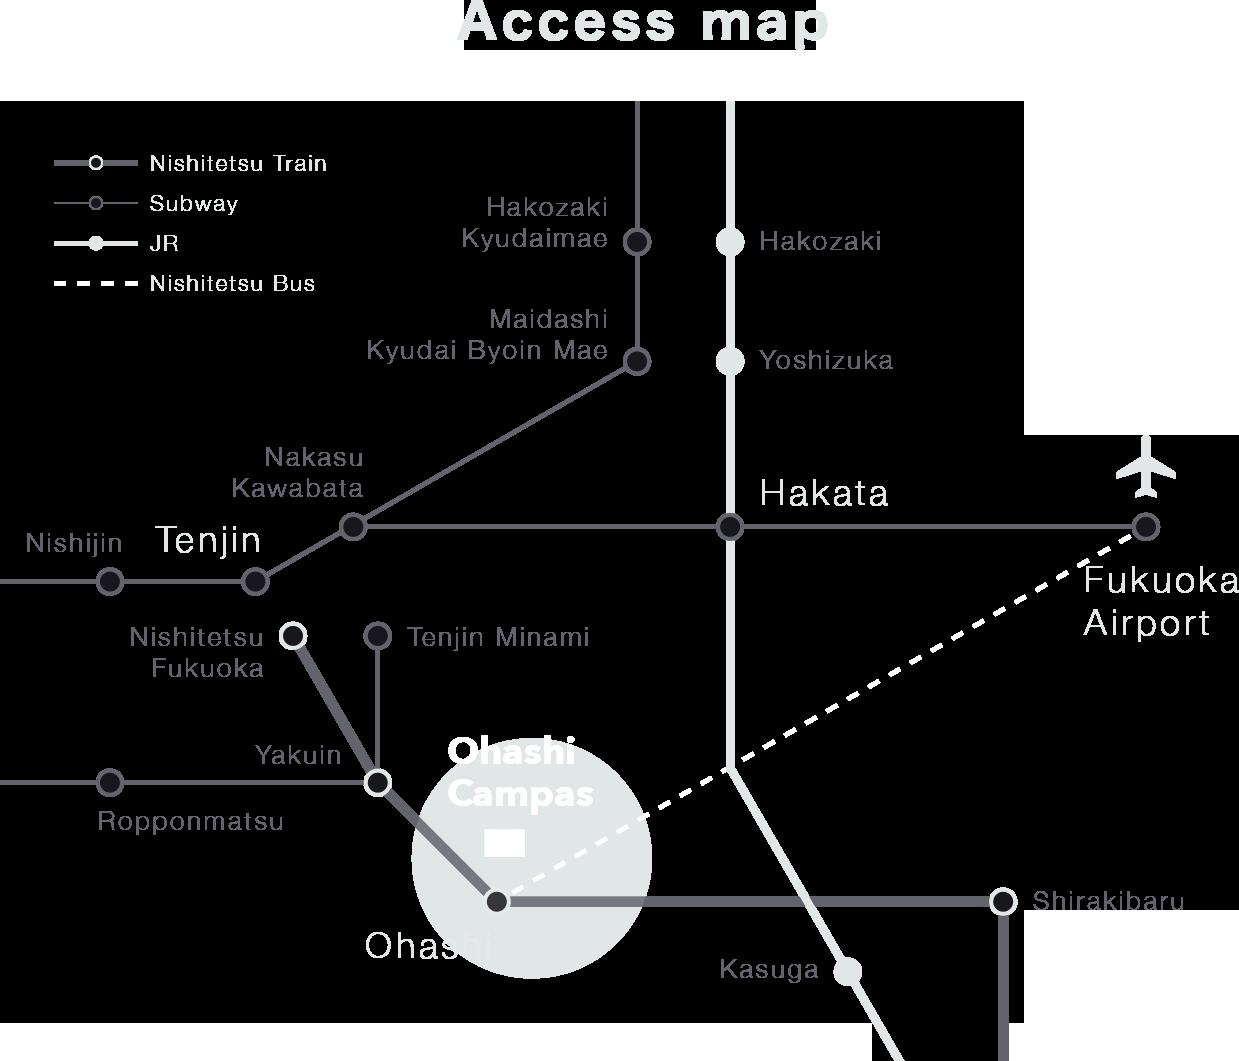 福岡空港、博多駅、天神からのアクセスマップ